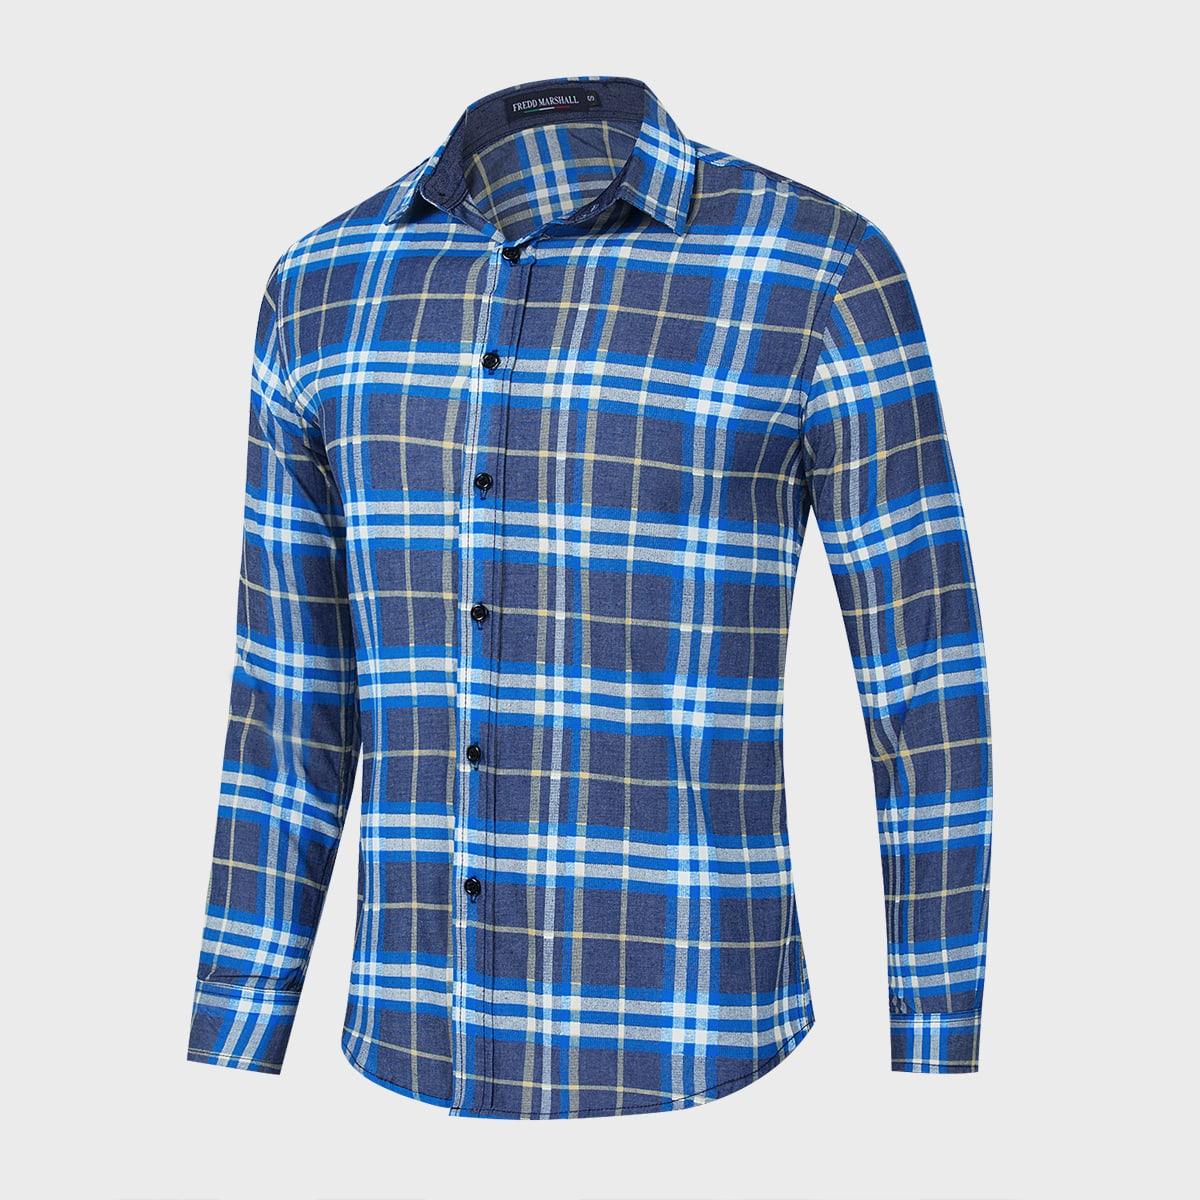 Мужская джинсовая рубашка на пуговицах в клетку